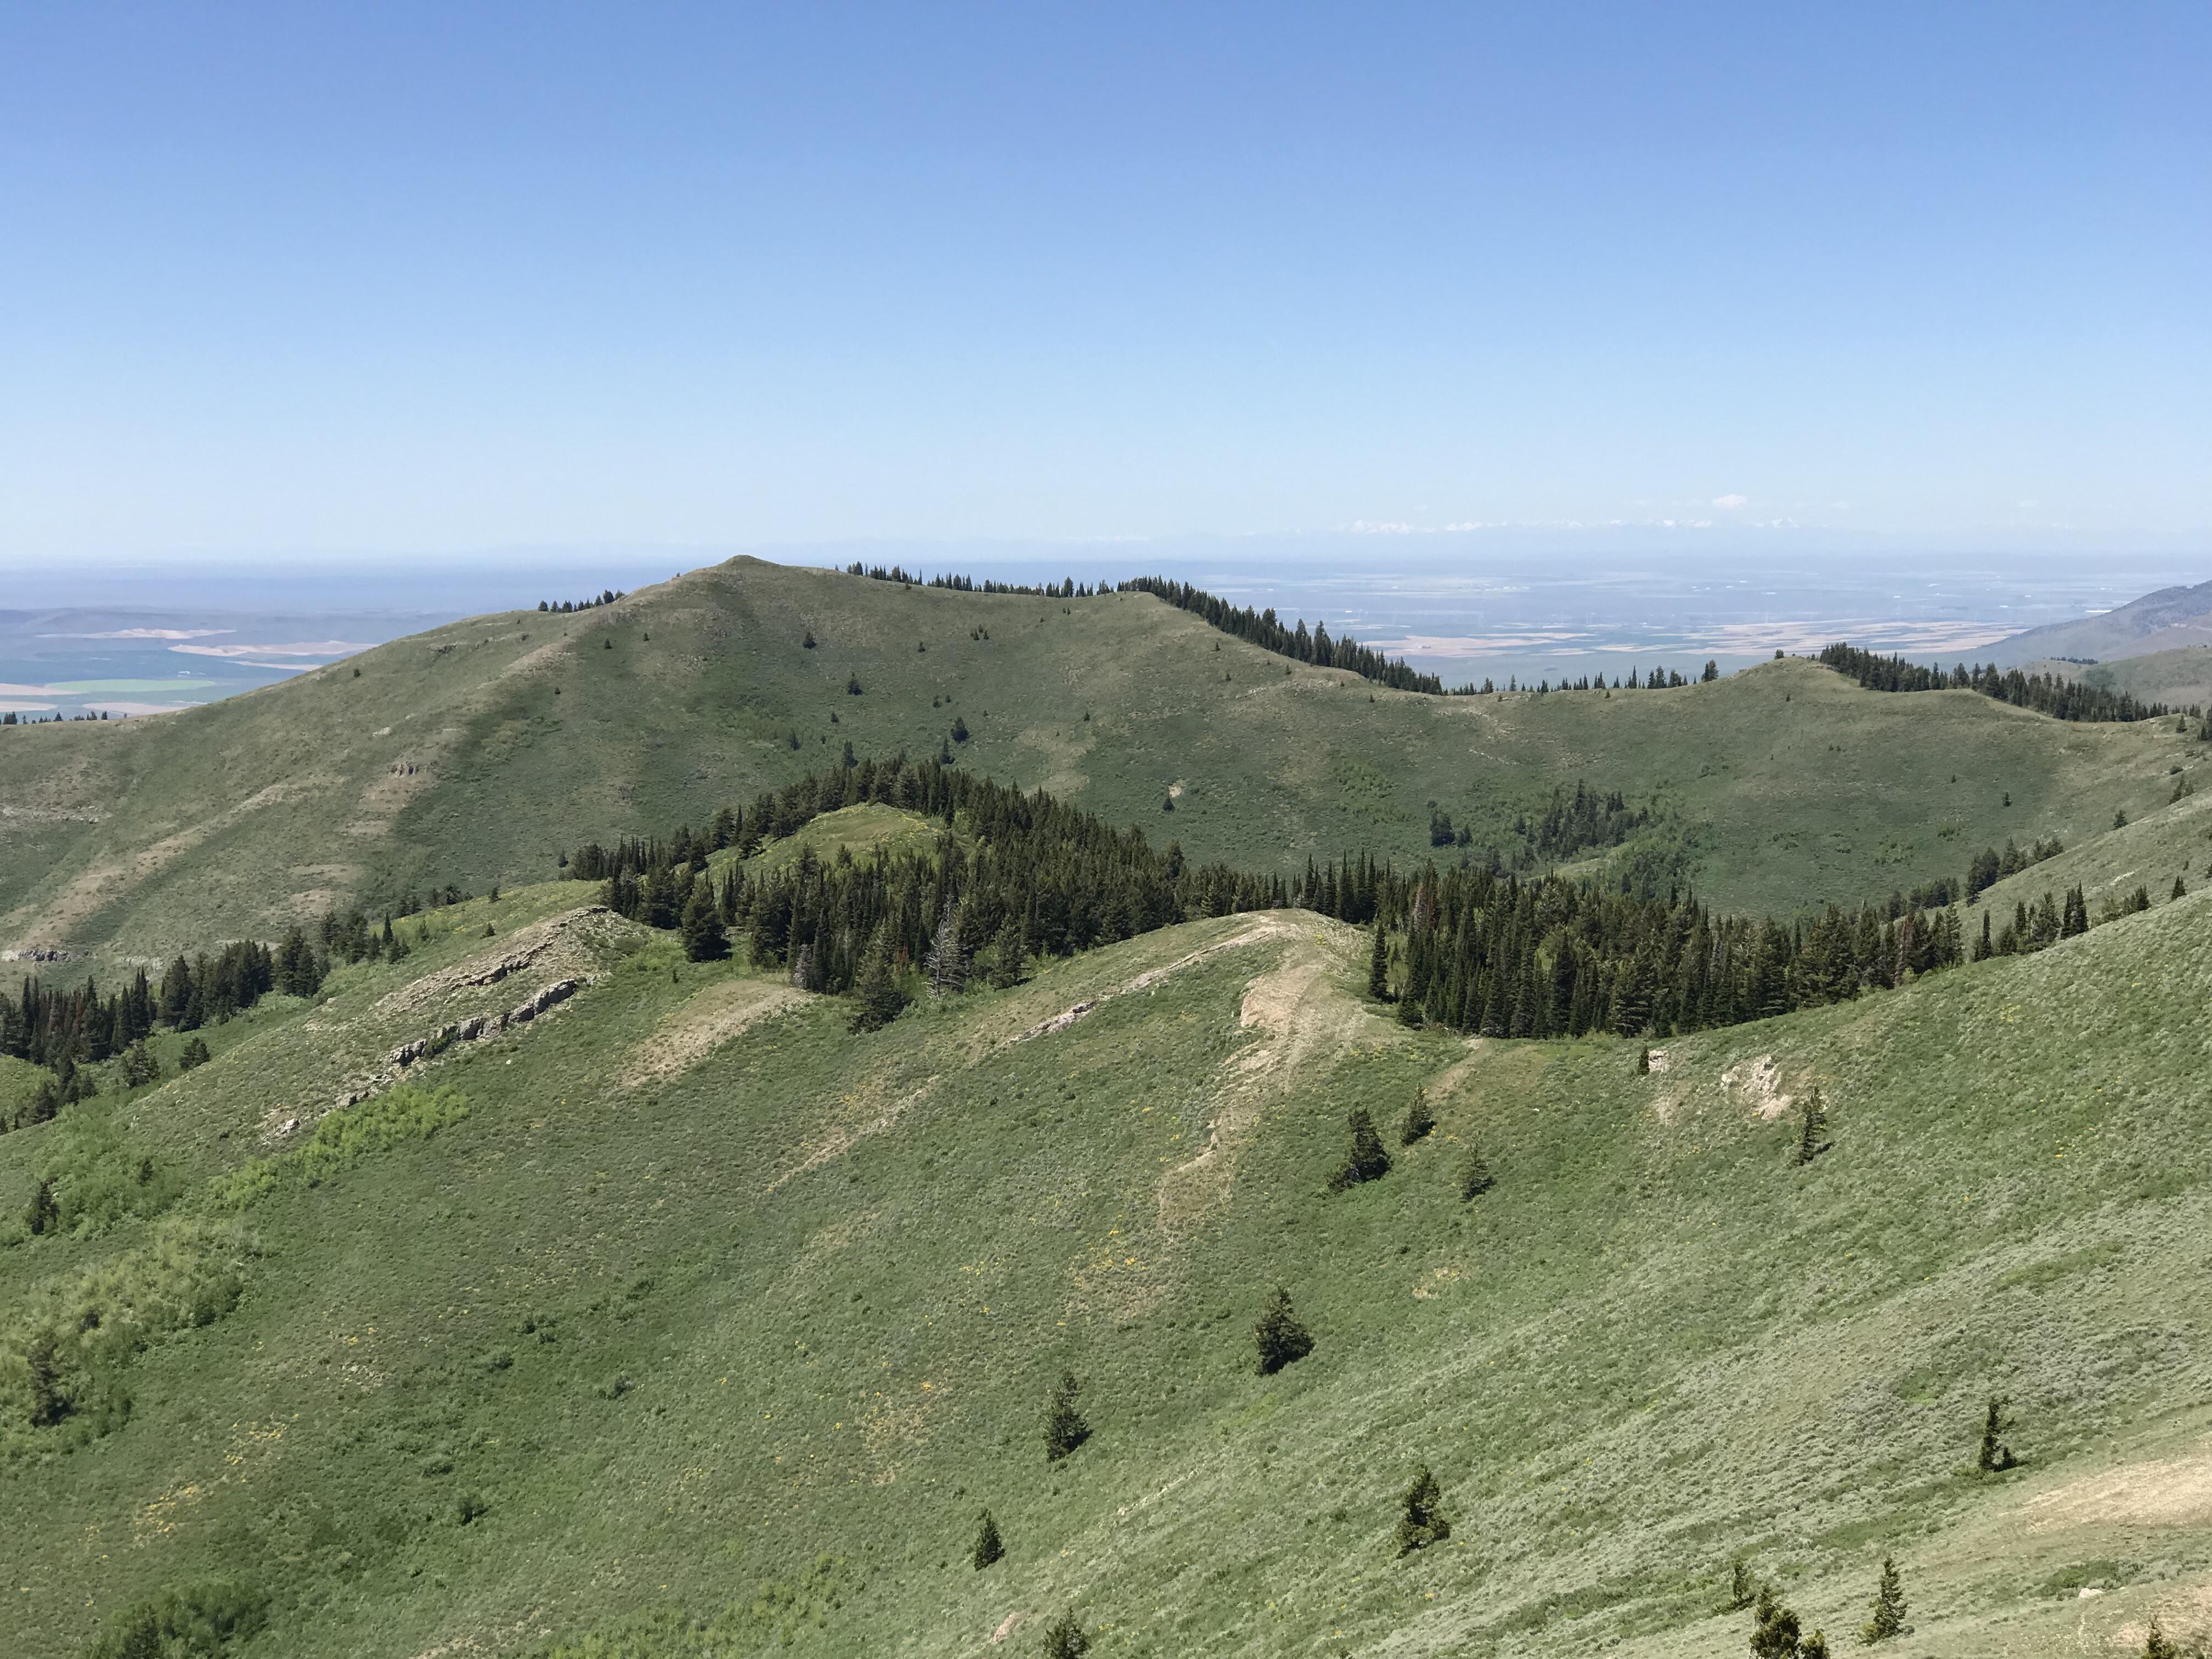 Peak 7700 viewed from Peak 7814.